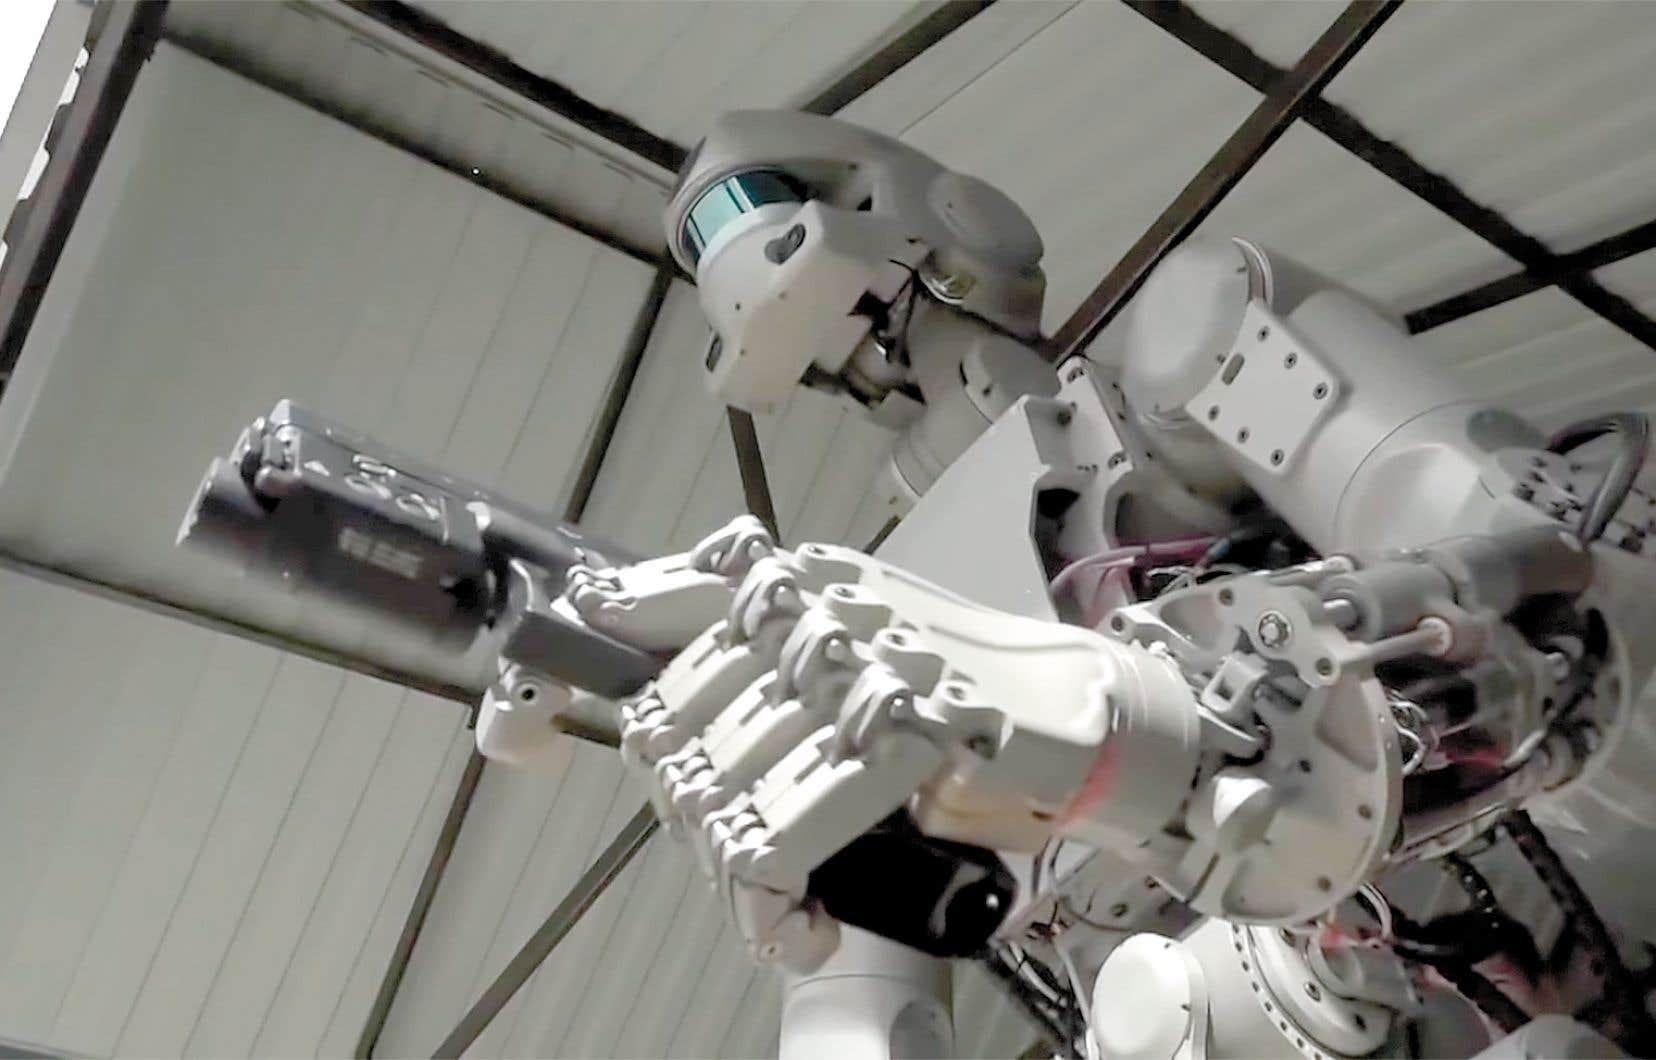 FEDOR, le robot développé par les Russes pour participer à l'exploration spatiale, est aussi un habile tireur.